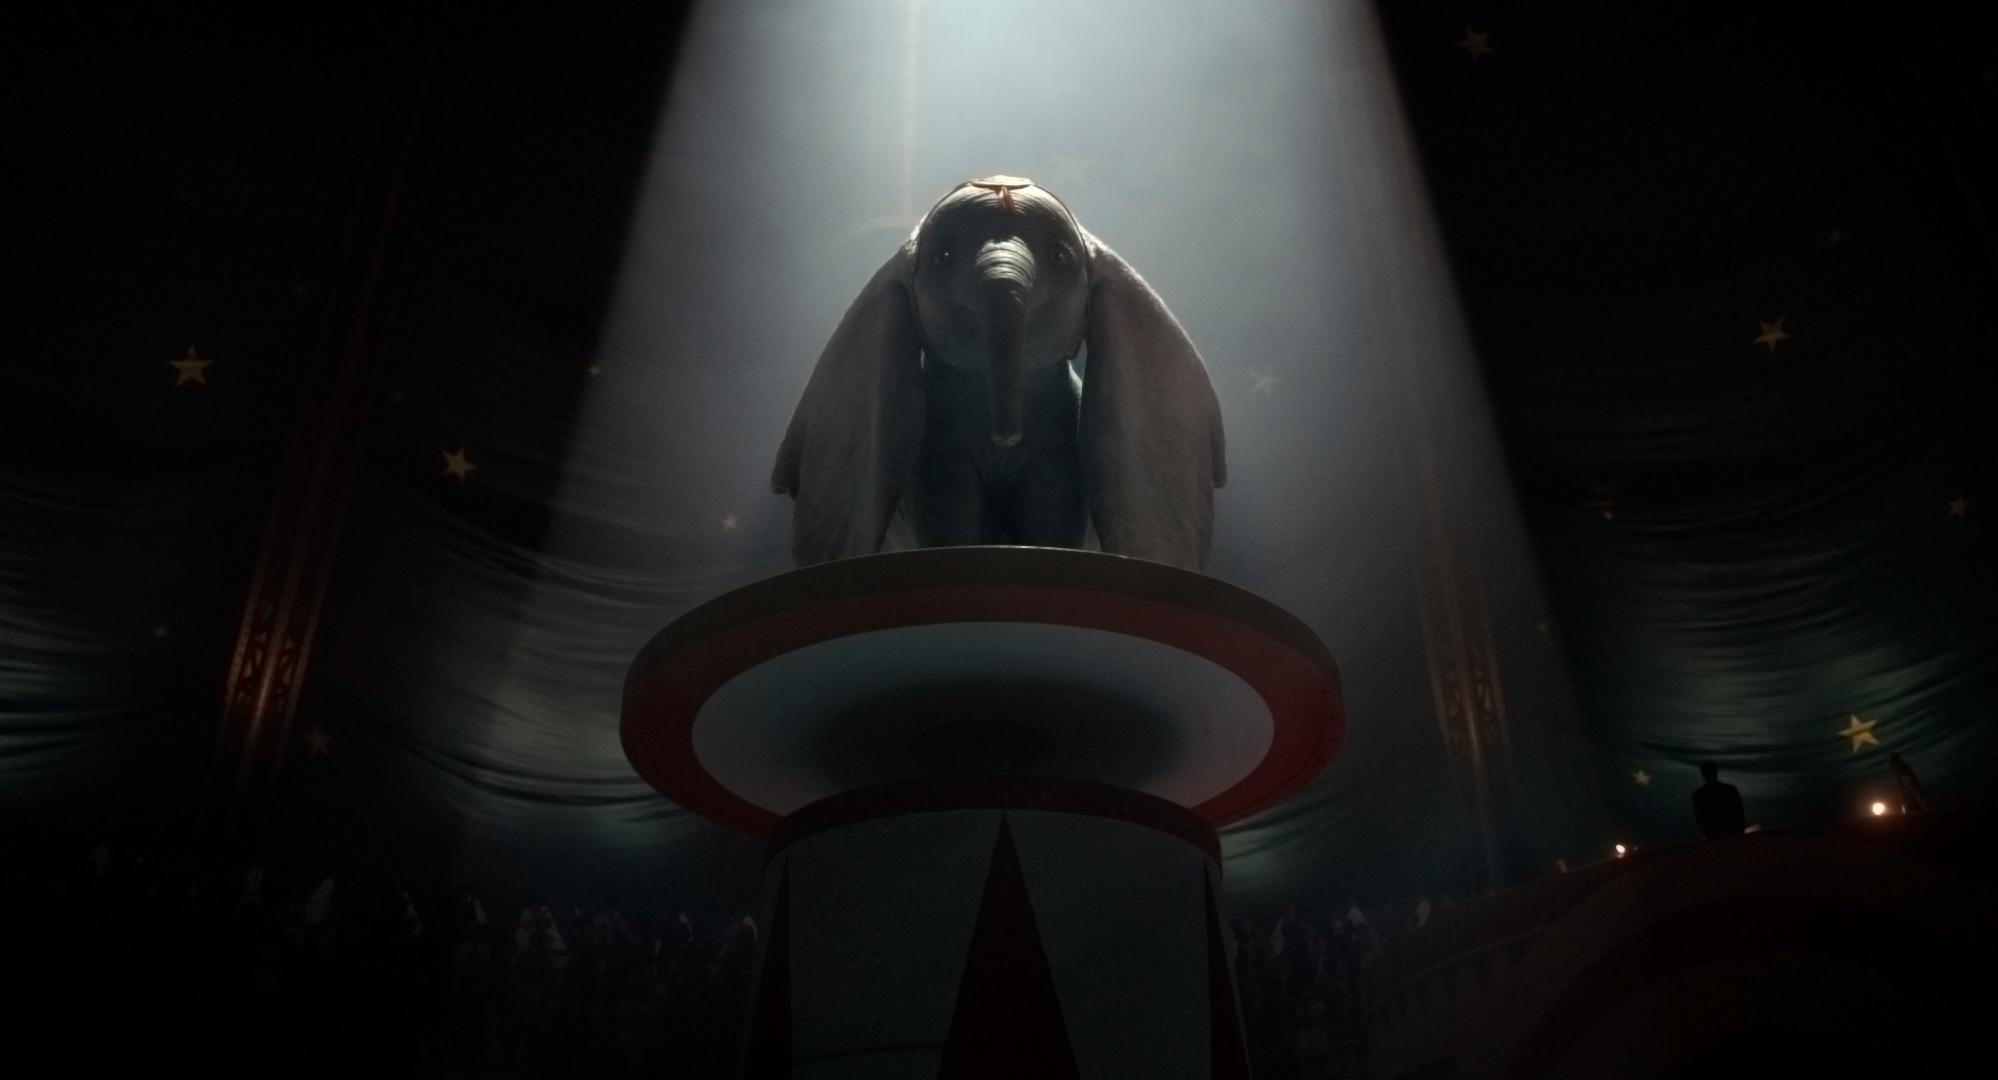 Купить билеты в кино на Дамбо Dumbo | расписание сеансов, трейлер, обзор фильма, отзывы — ParkSeason